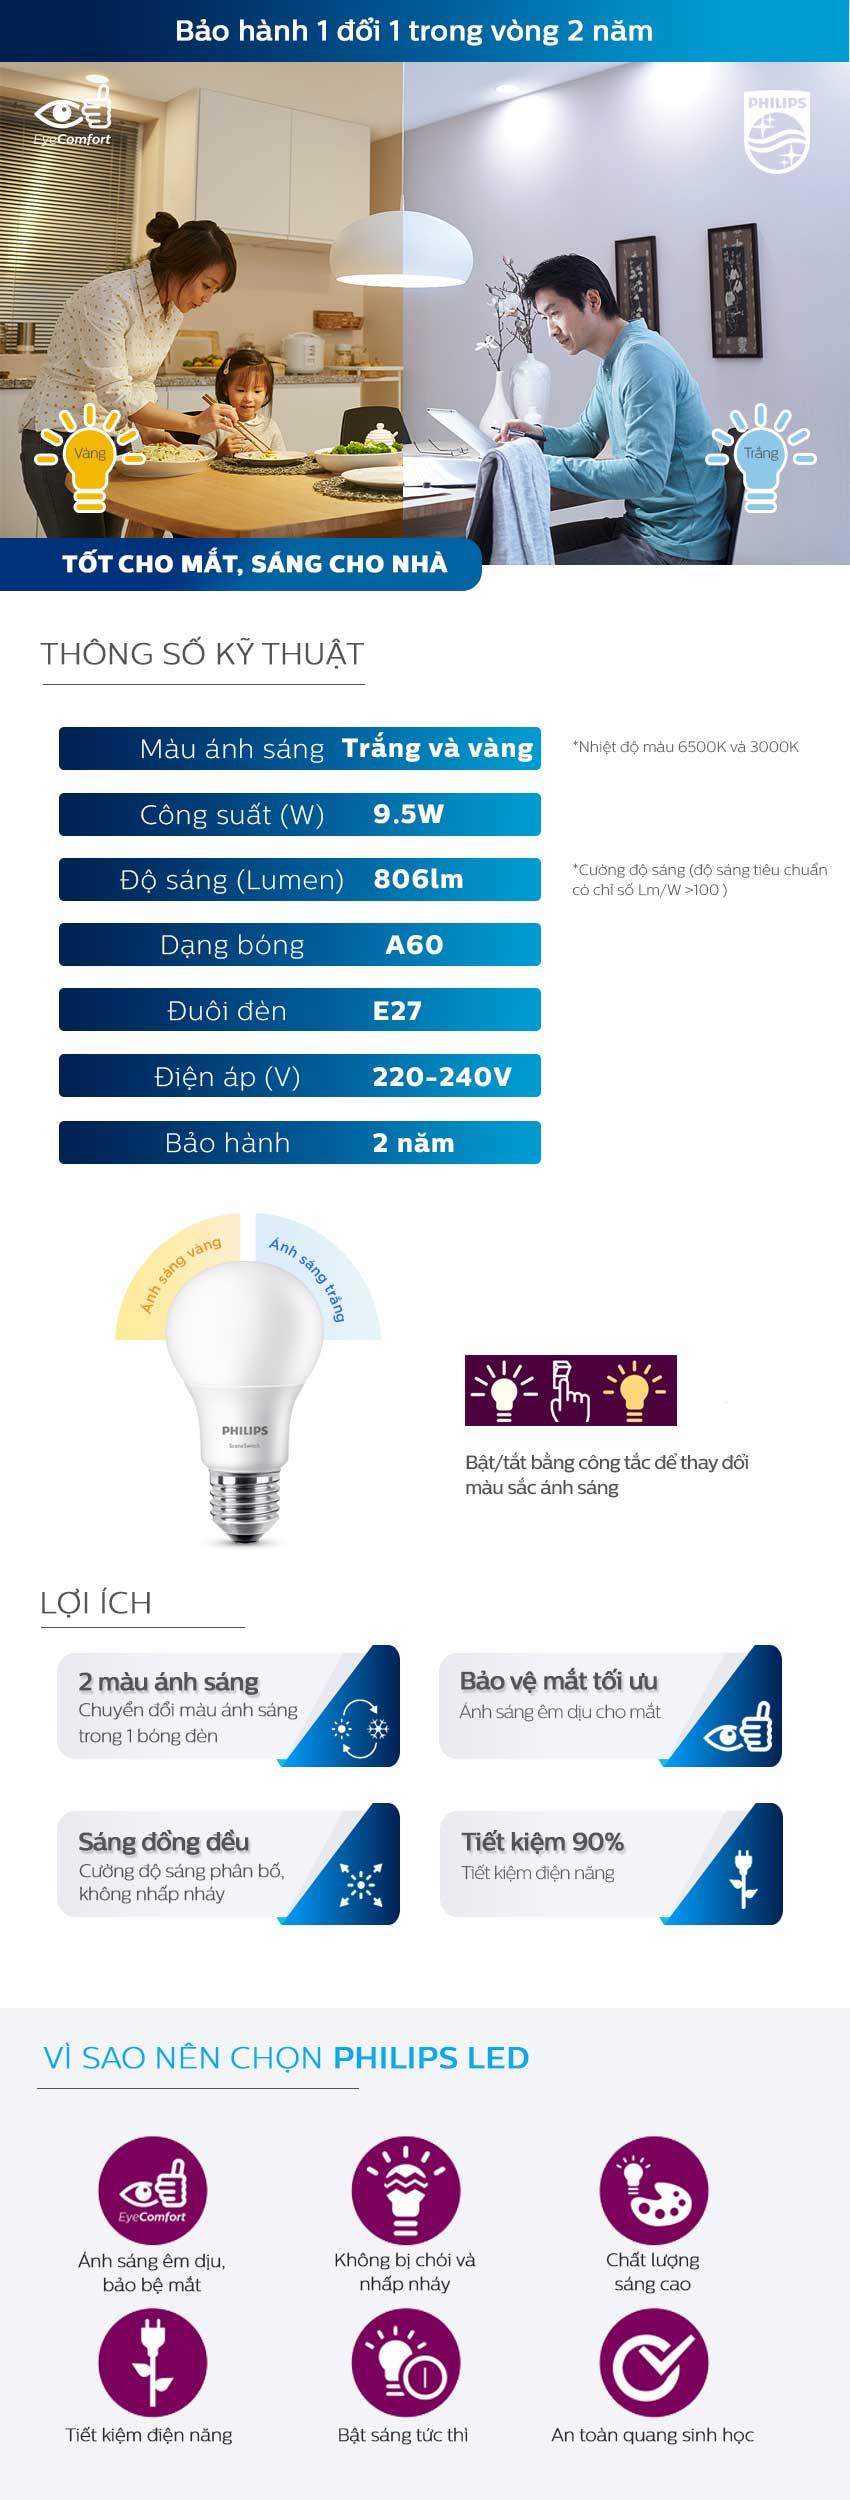 Bóng Đèn Philips LED Scene Switch Đổi Màu Ánh Sáng 9.5W 3000K/6500K E27 P45 -Ánh sáng Trắng / Vàng - Hàng Chính Hãng